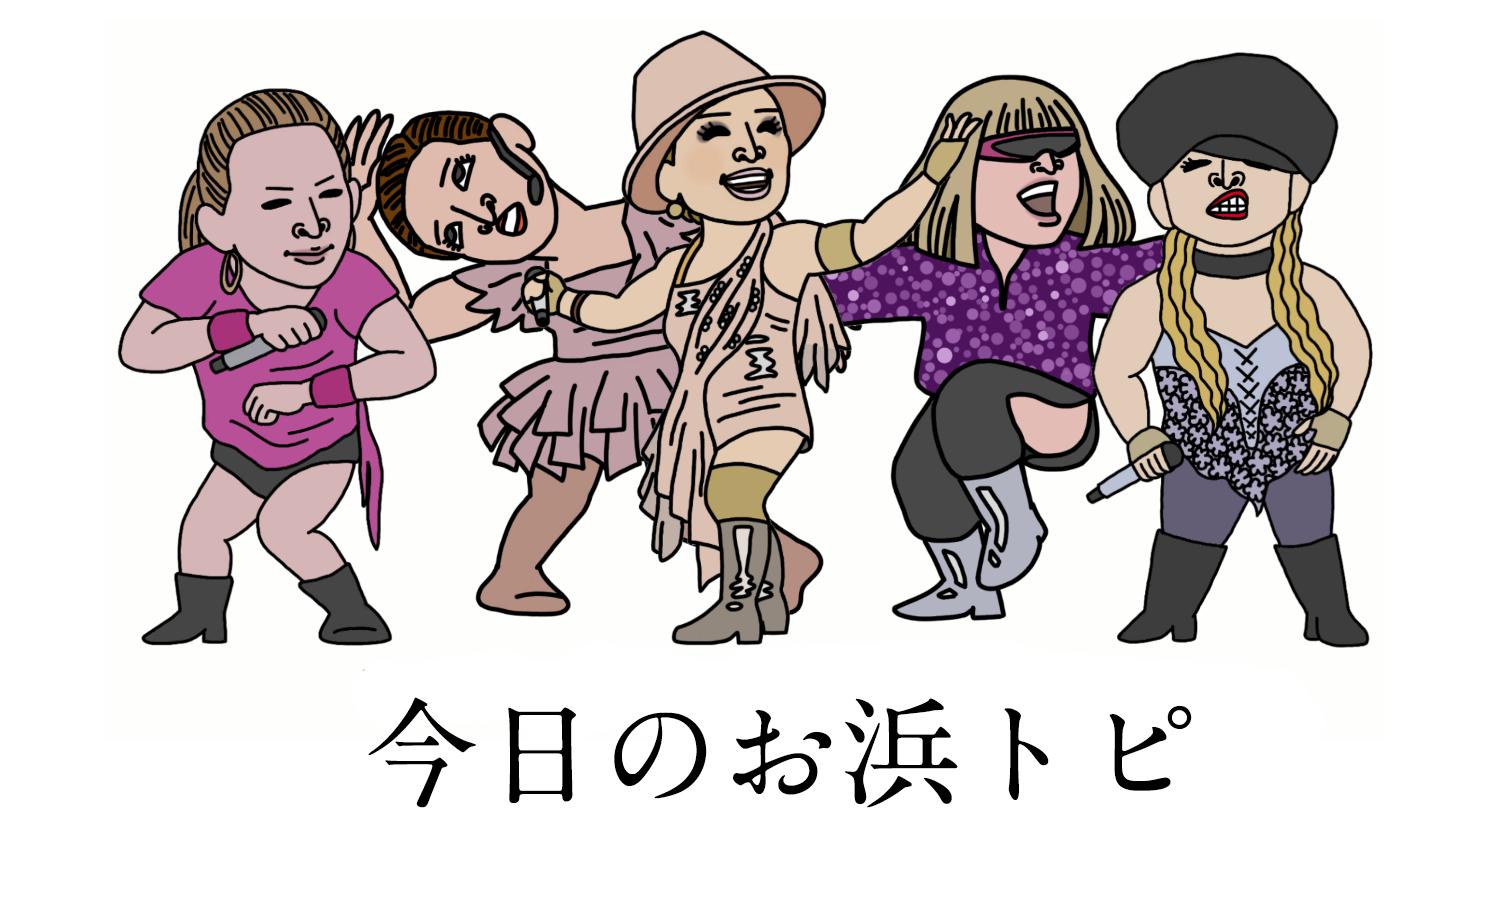 浜崎あゆみ、SNSに投稿した写真のバックにうつり込む大量のベアブリックと靴に注目が集まる